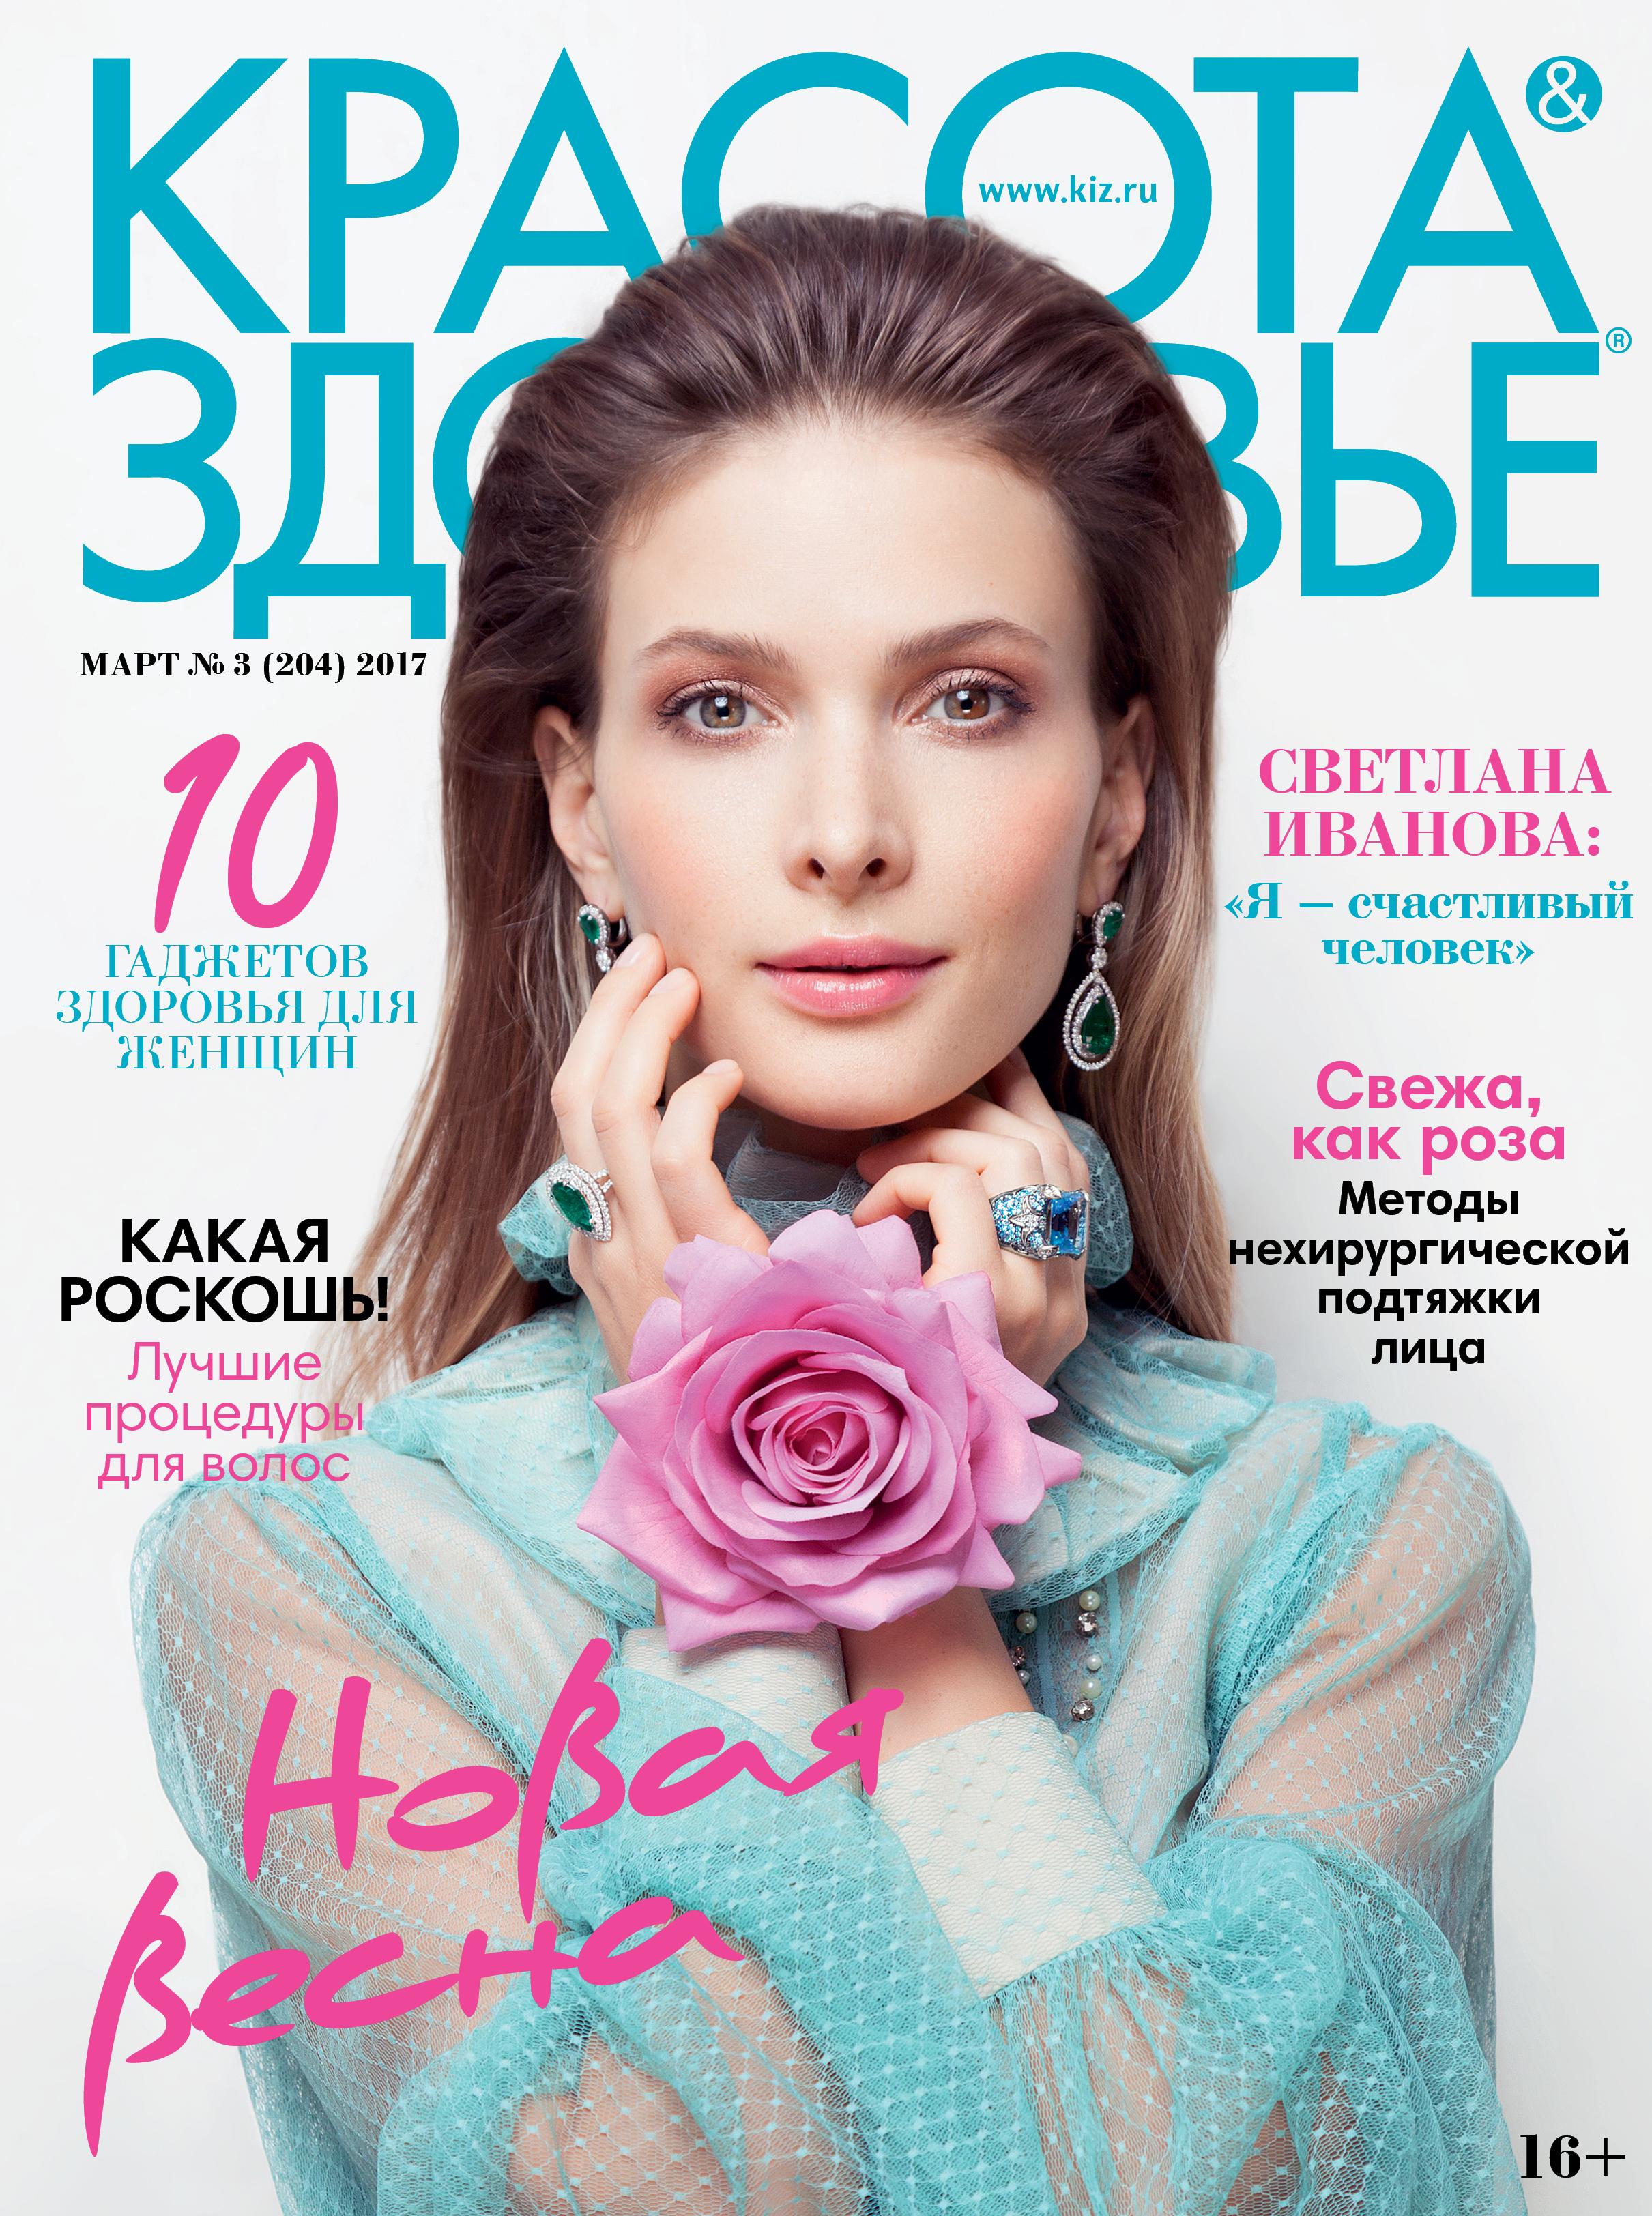 Красота и здоровье Журнал Красота и здоровье № 3 пракседис красота